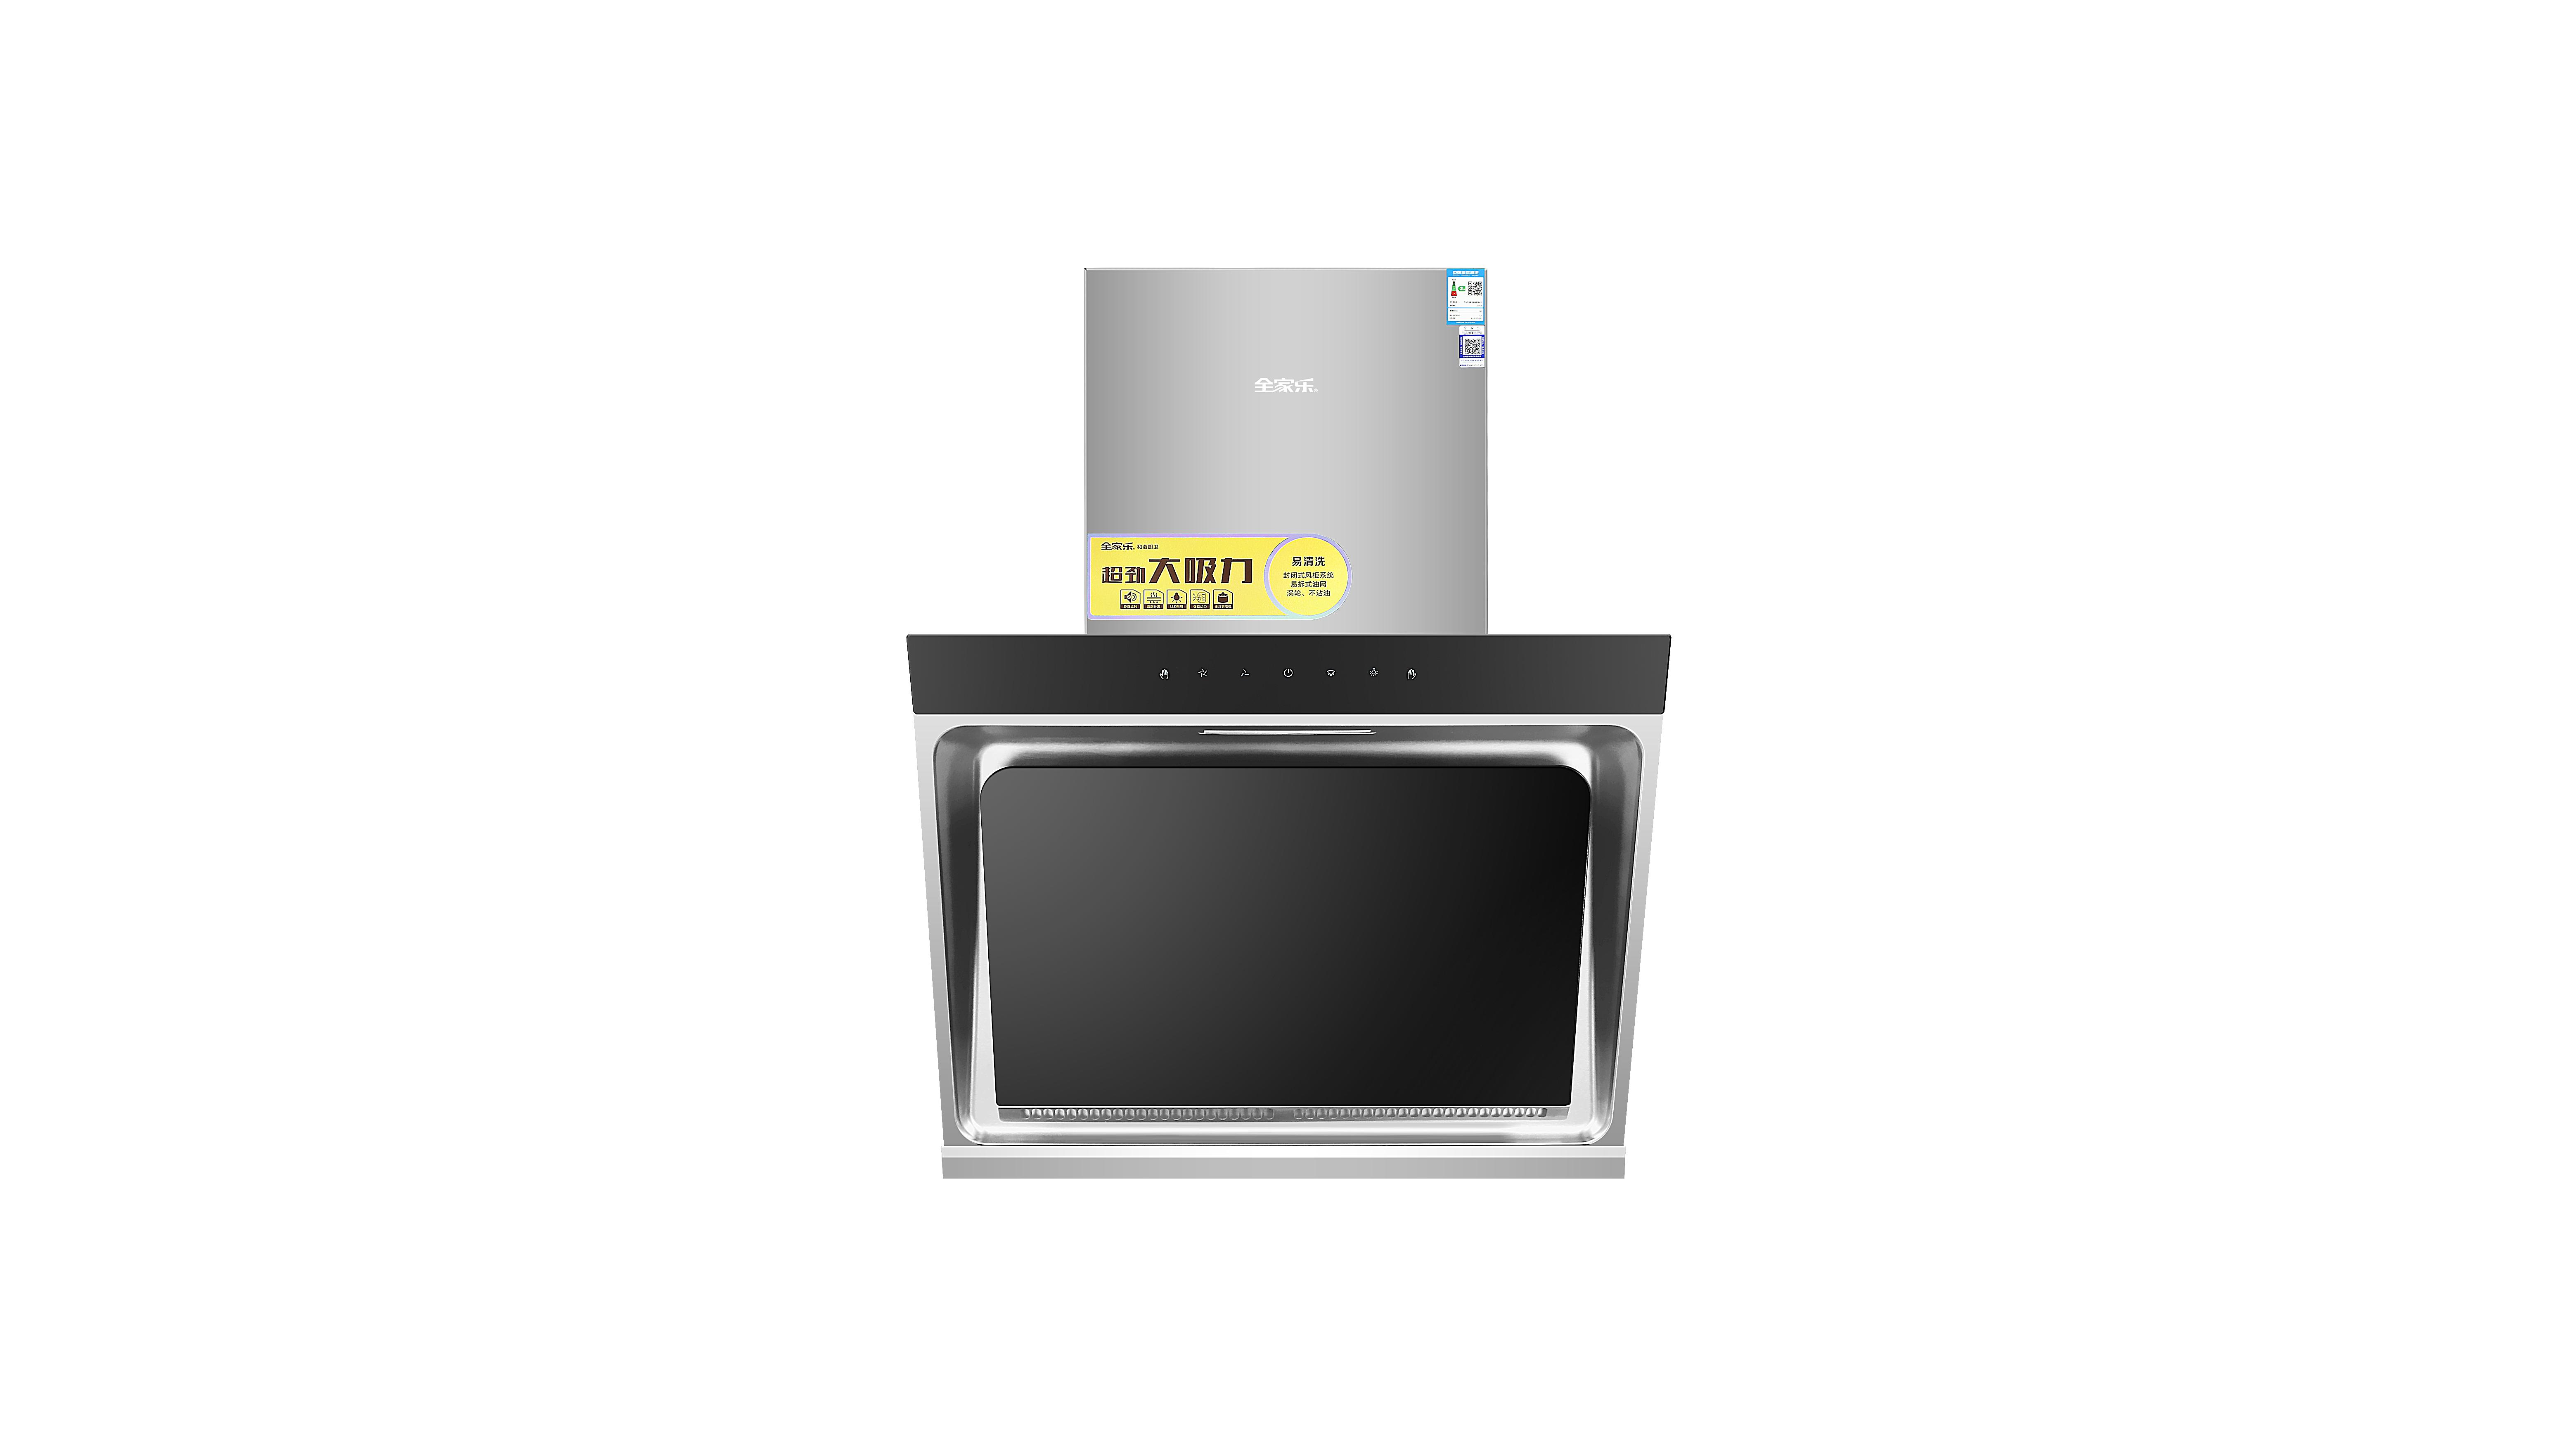 全家乐P23抽油烟机 18立方大吸力爆炒电加热自动清洗抽油烟机 厨房抽油烟机